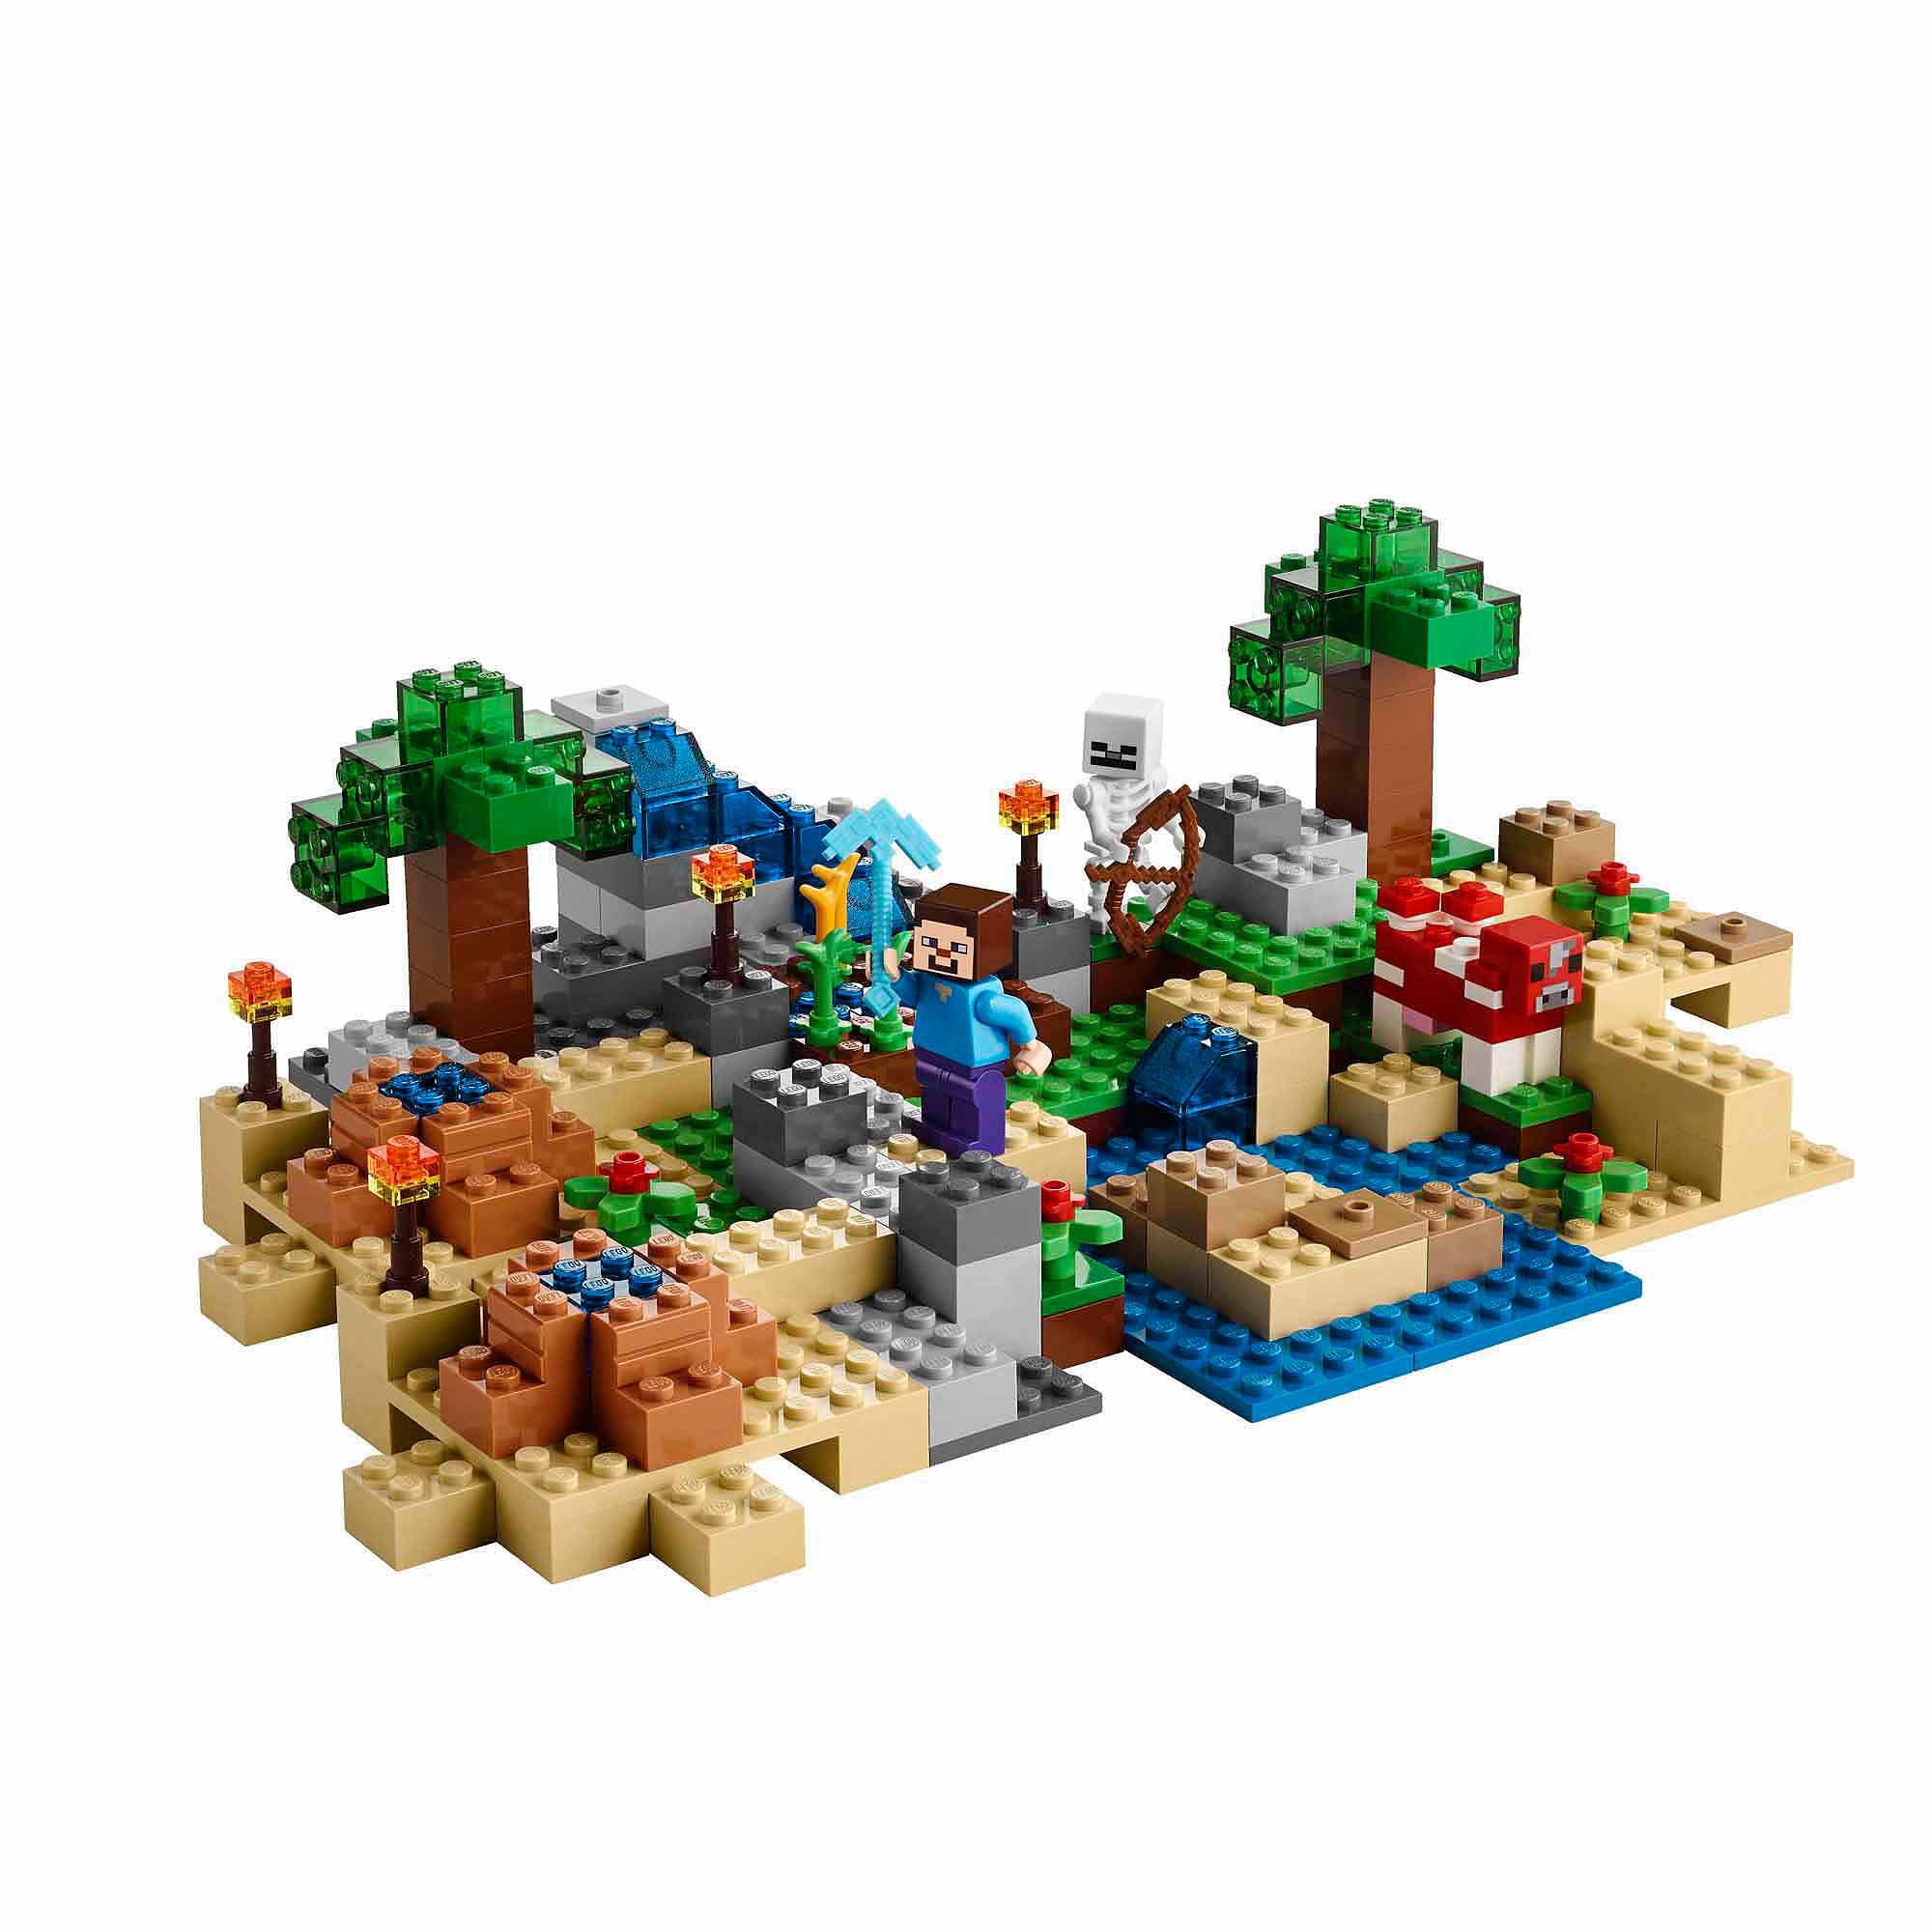 LEGO Minecraft Crafting Box - Walmart.com